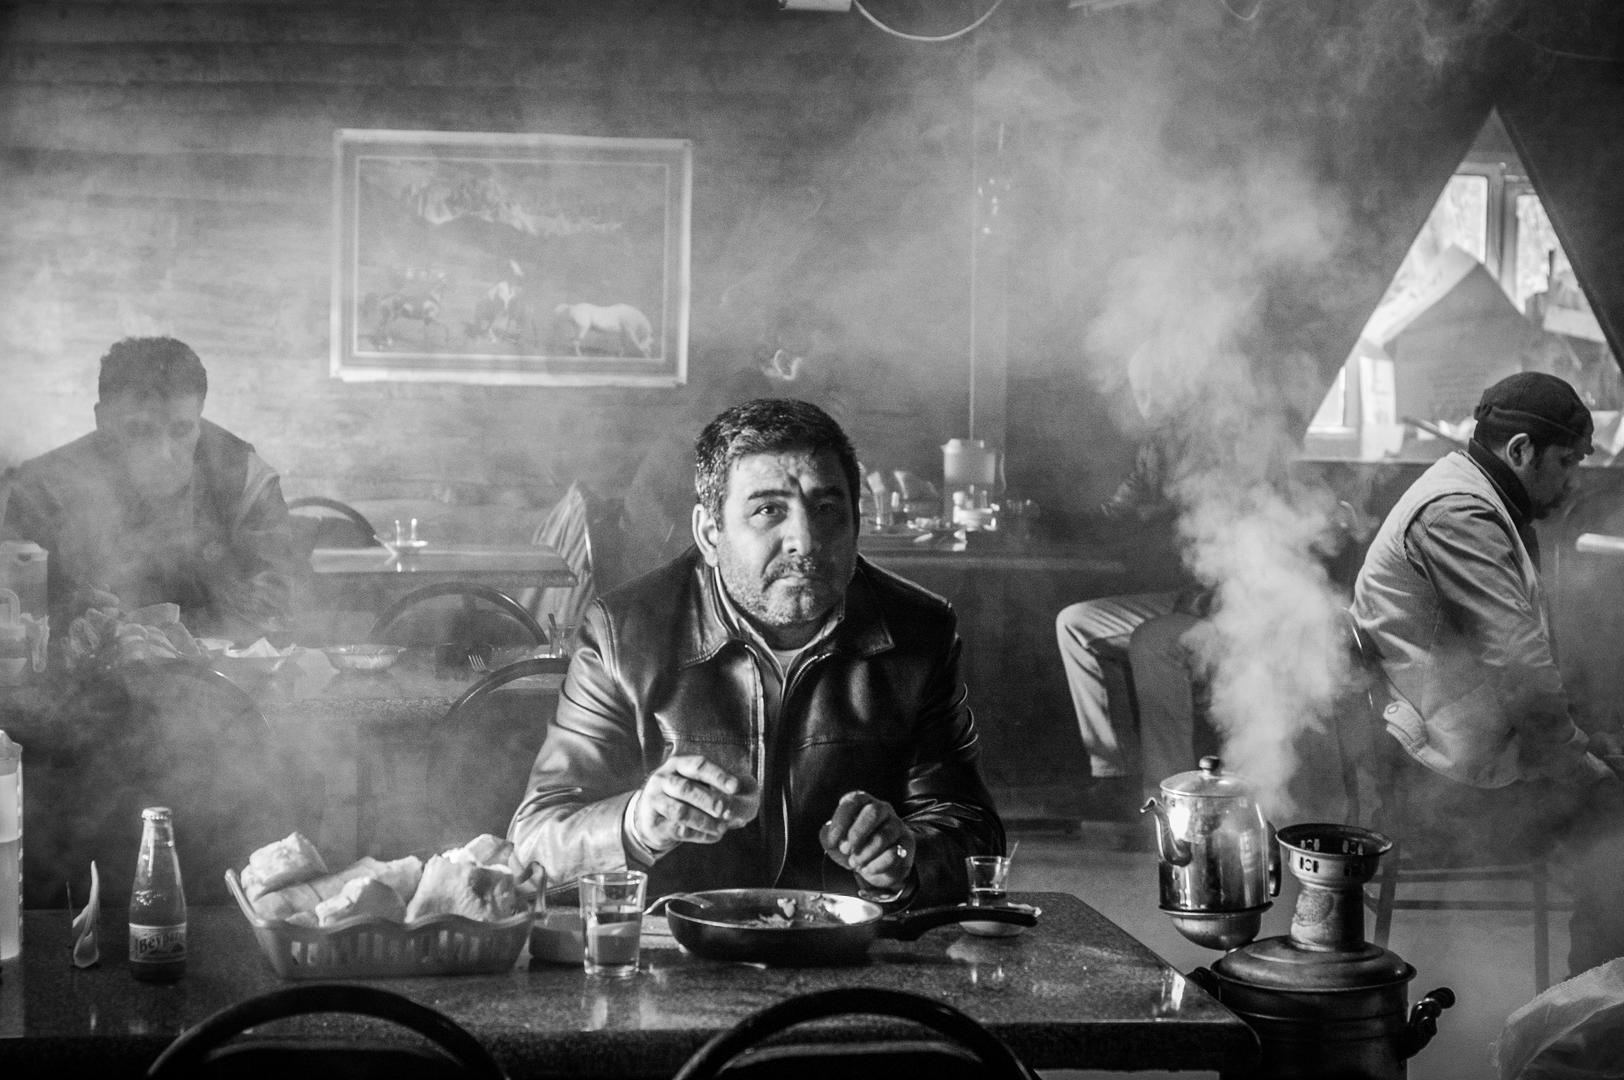 Маленький перерыв в жизни, © Онур Эркоскун, 2 место экспертного мнения, Фотофестиваль FIX